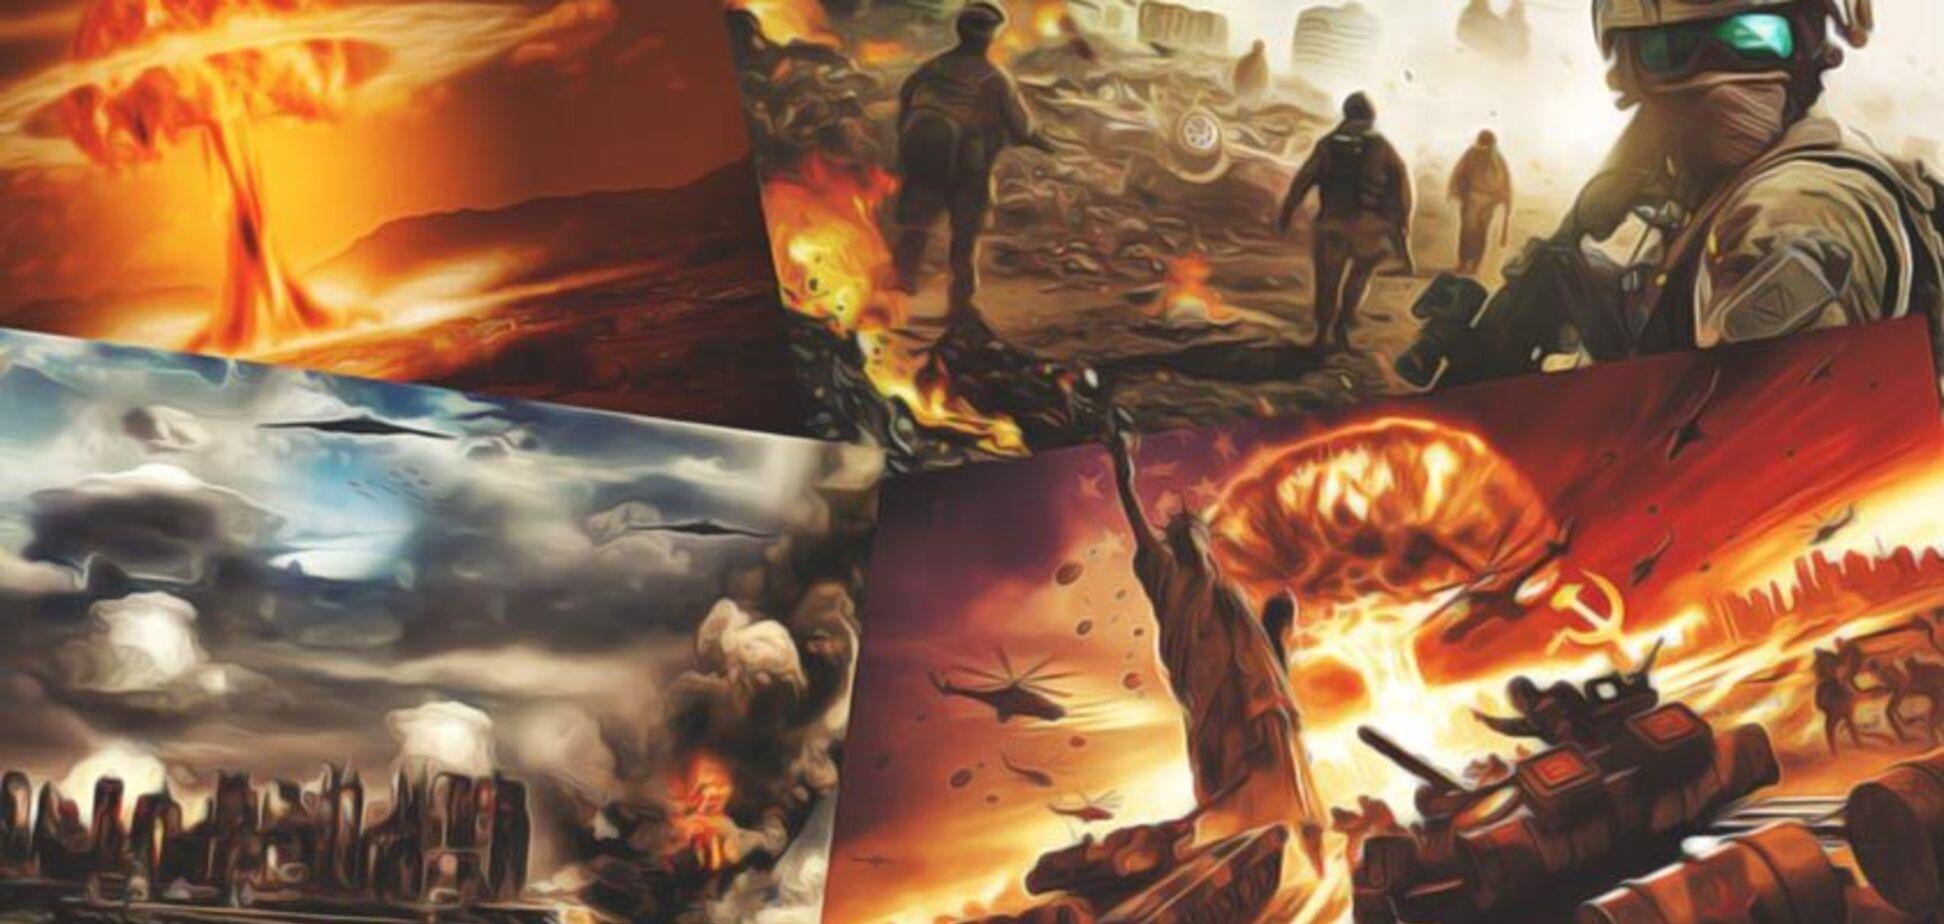 Ситуация очень опасная: Фельгенгауэр заговорил о Третьей мировой войне